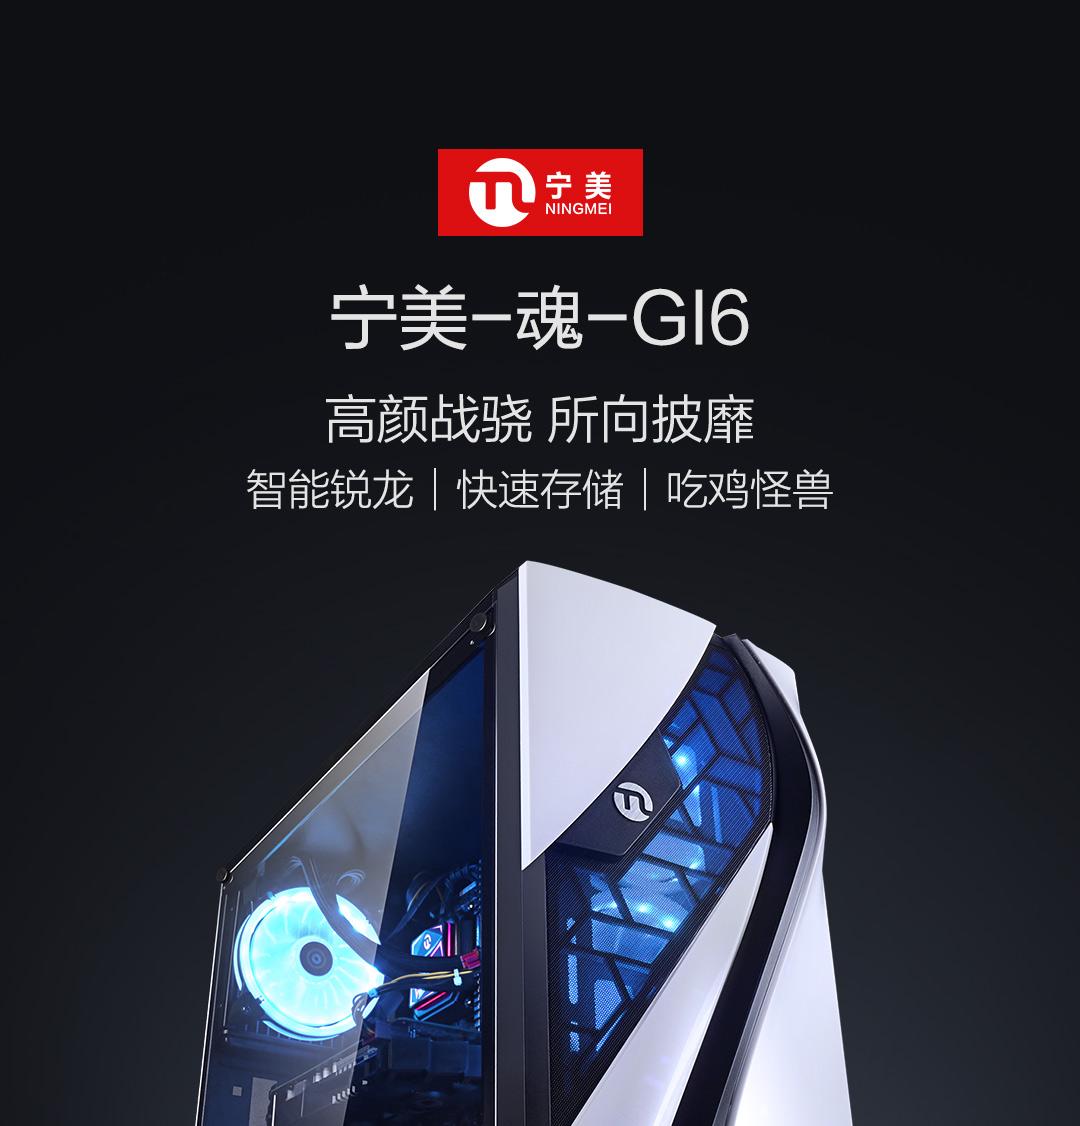 Ryzen 5 2600, RX 550 и 8 ГБ RAM за 19000 рублей — анонсирована линейка игровых PC от Xiaomi